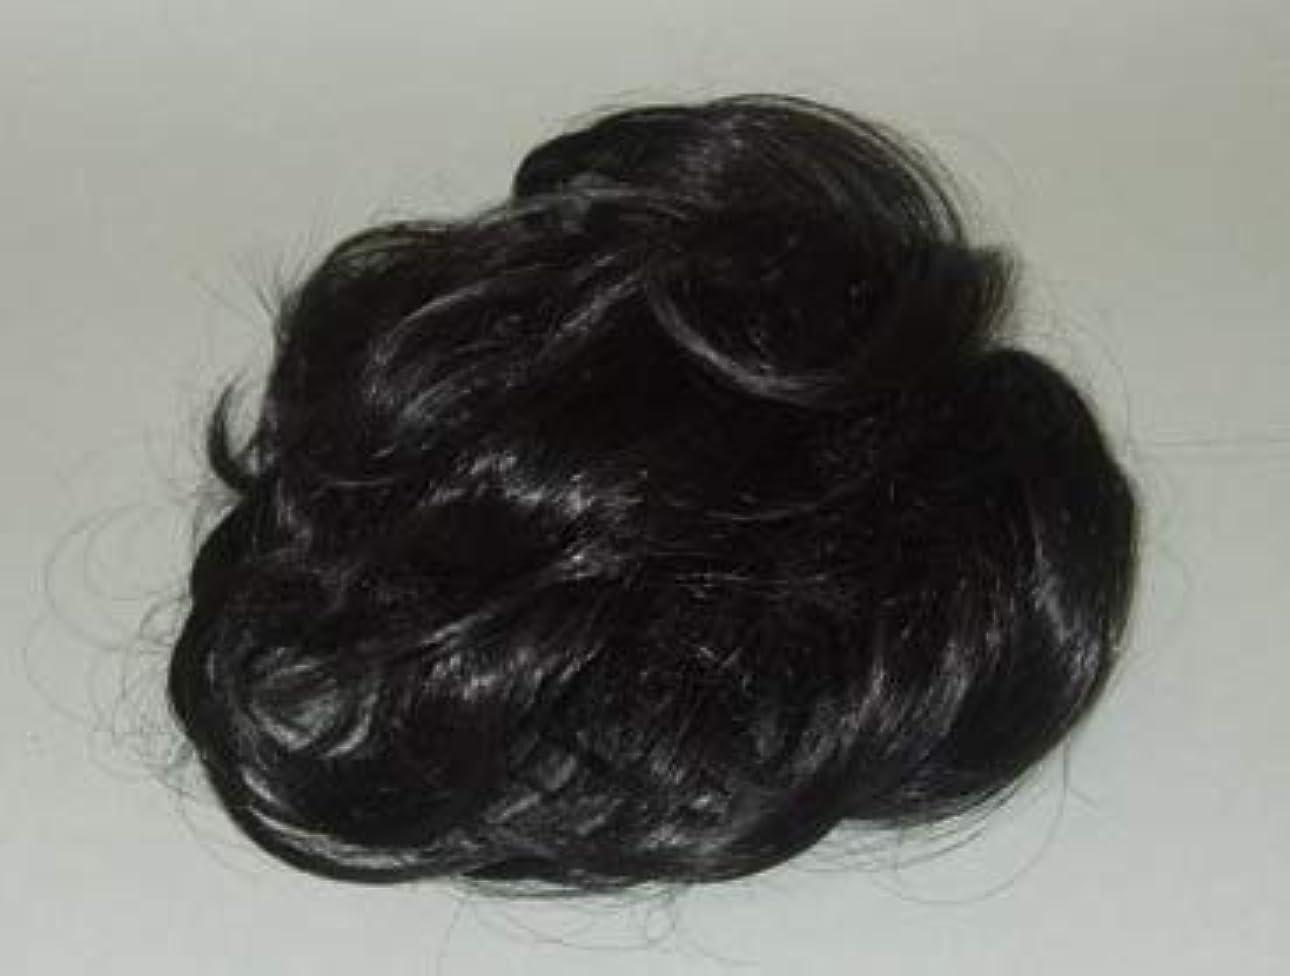 疑い者エンドウ特殊富士パックス販売 ボンヘアー BON HAIR (ボリュームアップタイプ) ブラック